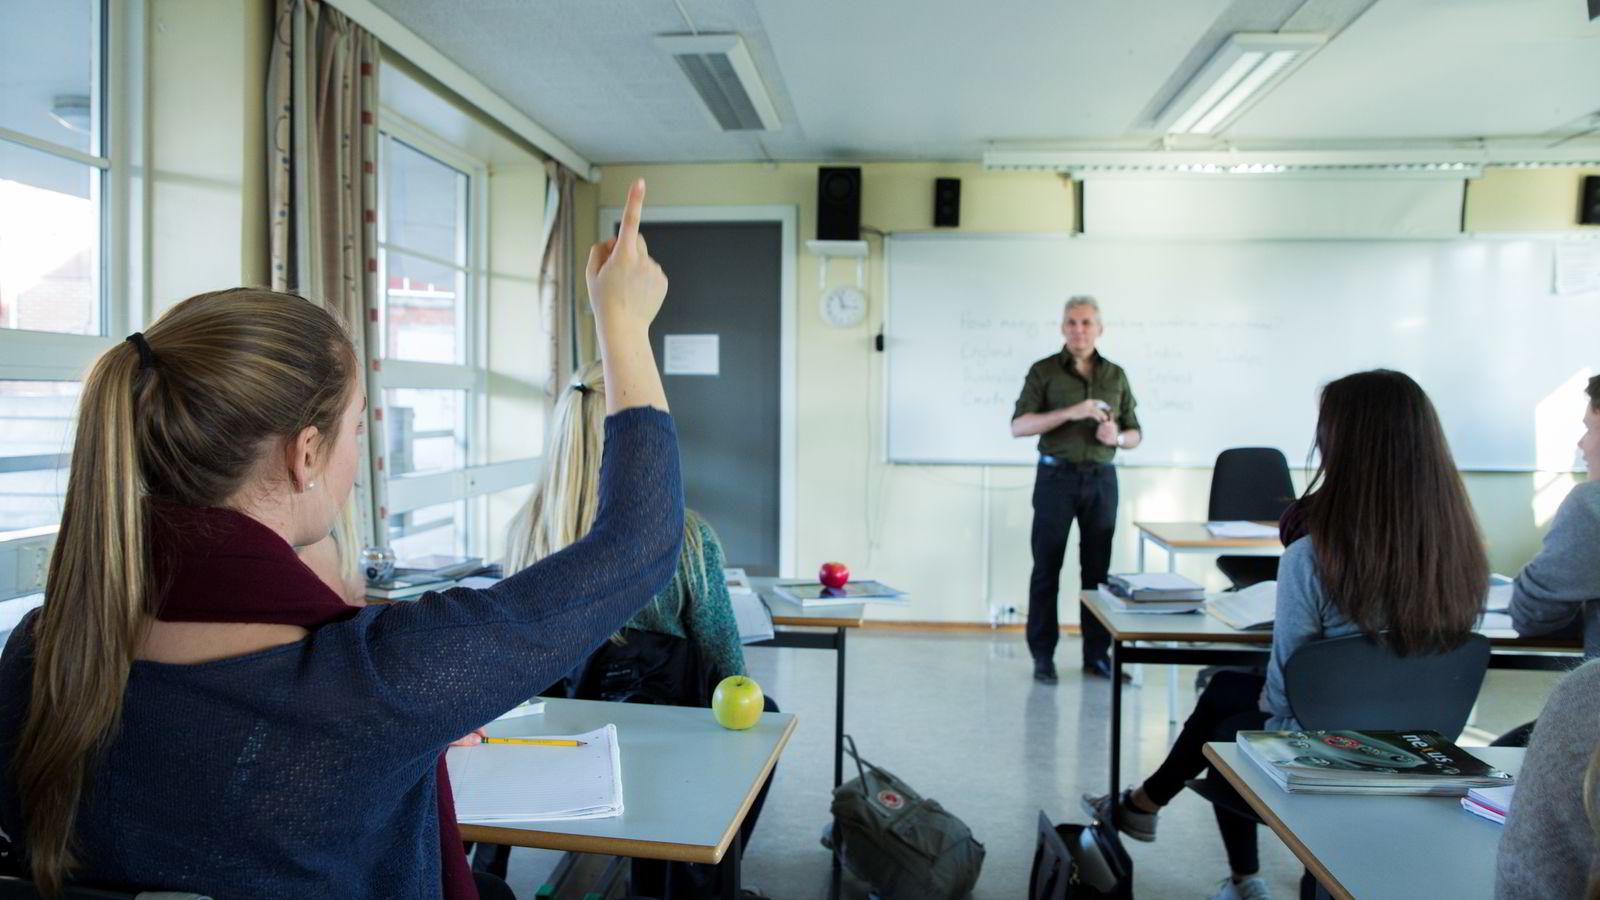 NASJONALE PRØVER. Oslo og Akershus er fylkene som presterer best, viser resultatene av de nasjonale prøvene som ble utført i oktober. Illustrasjonsbilde.